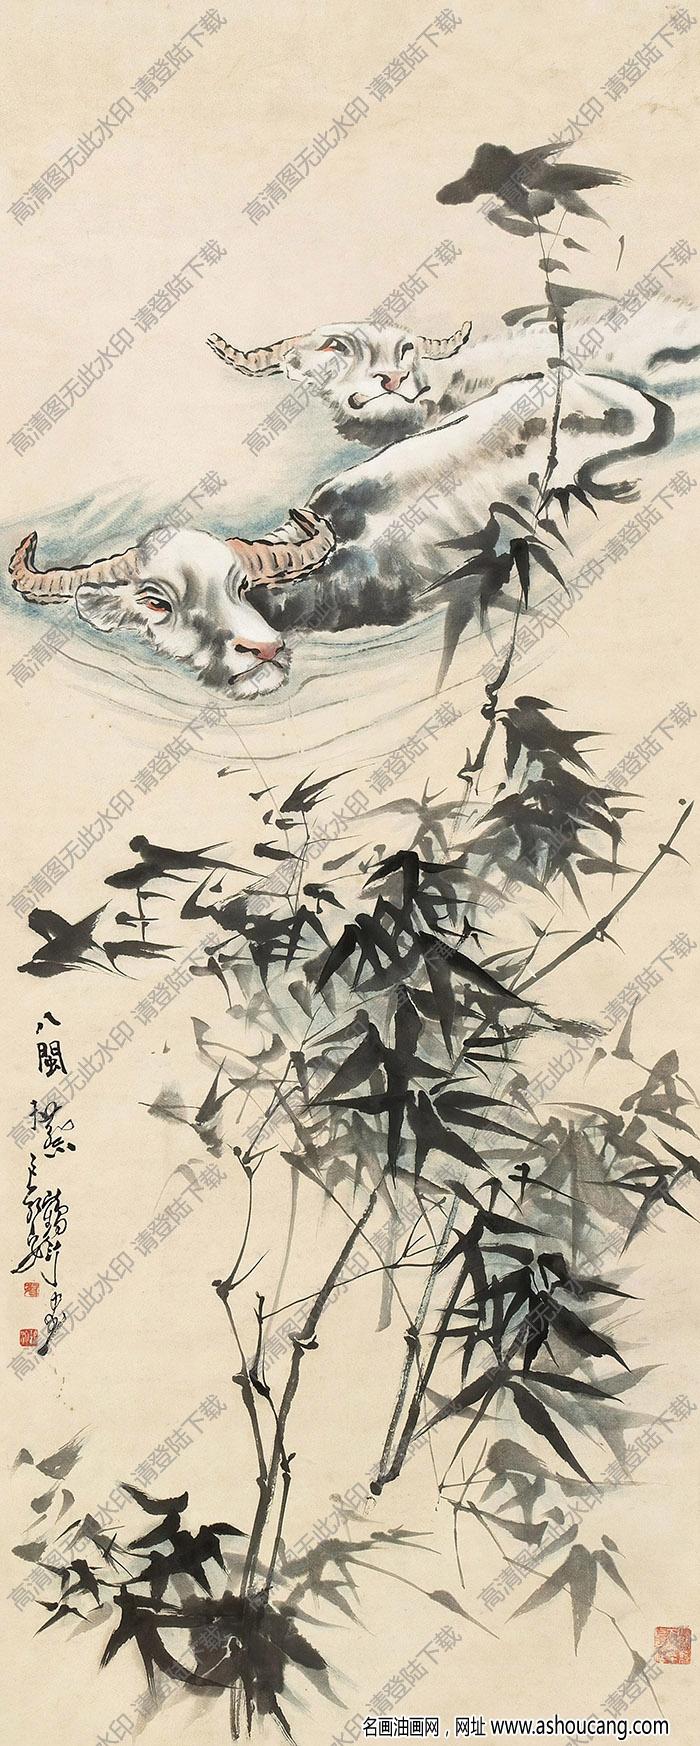 蔡鹤汀国画作品 双牛图 高清下载